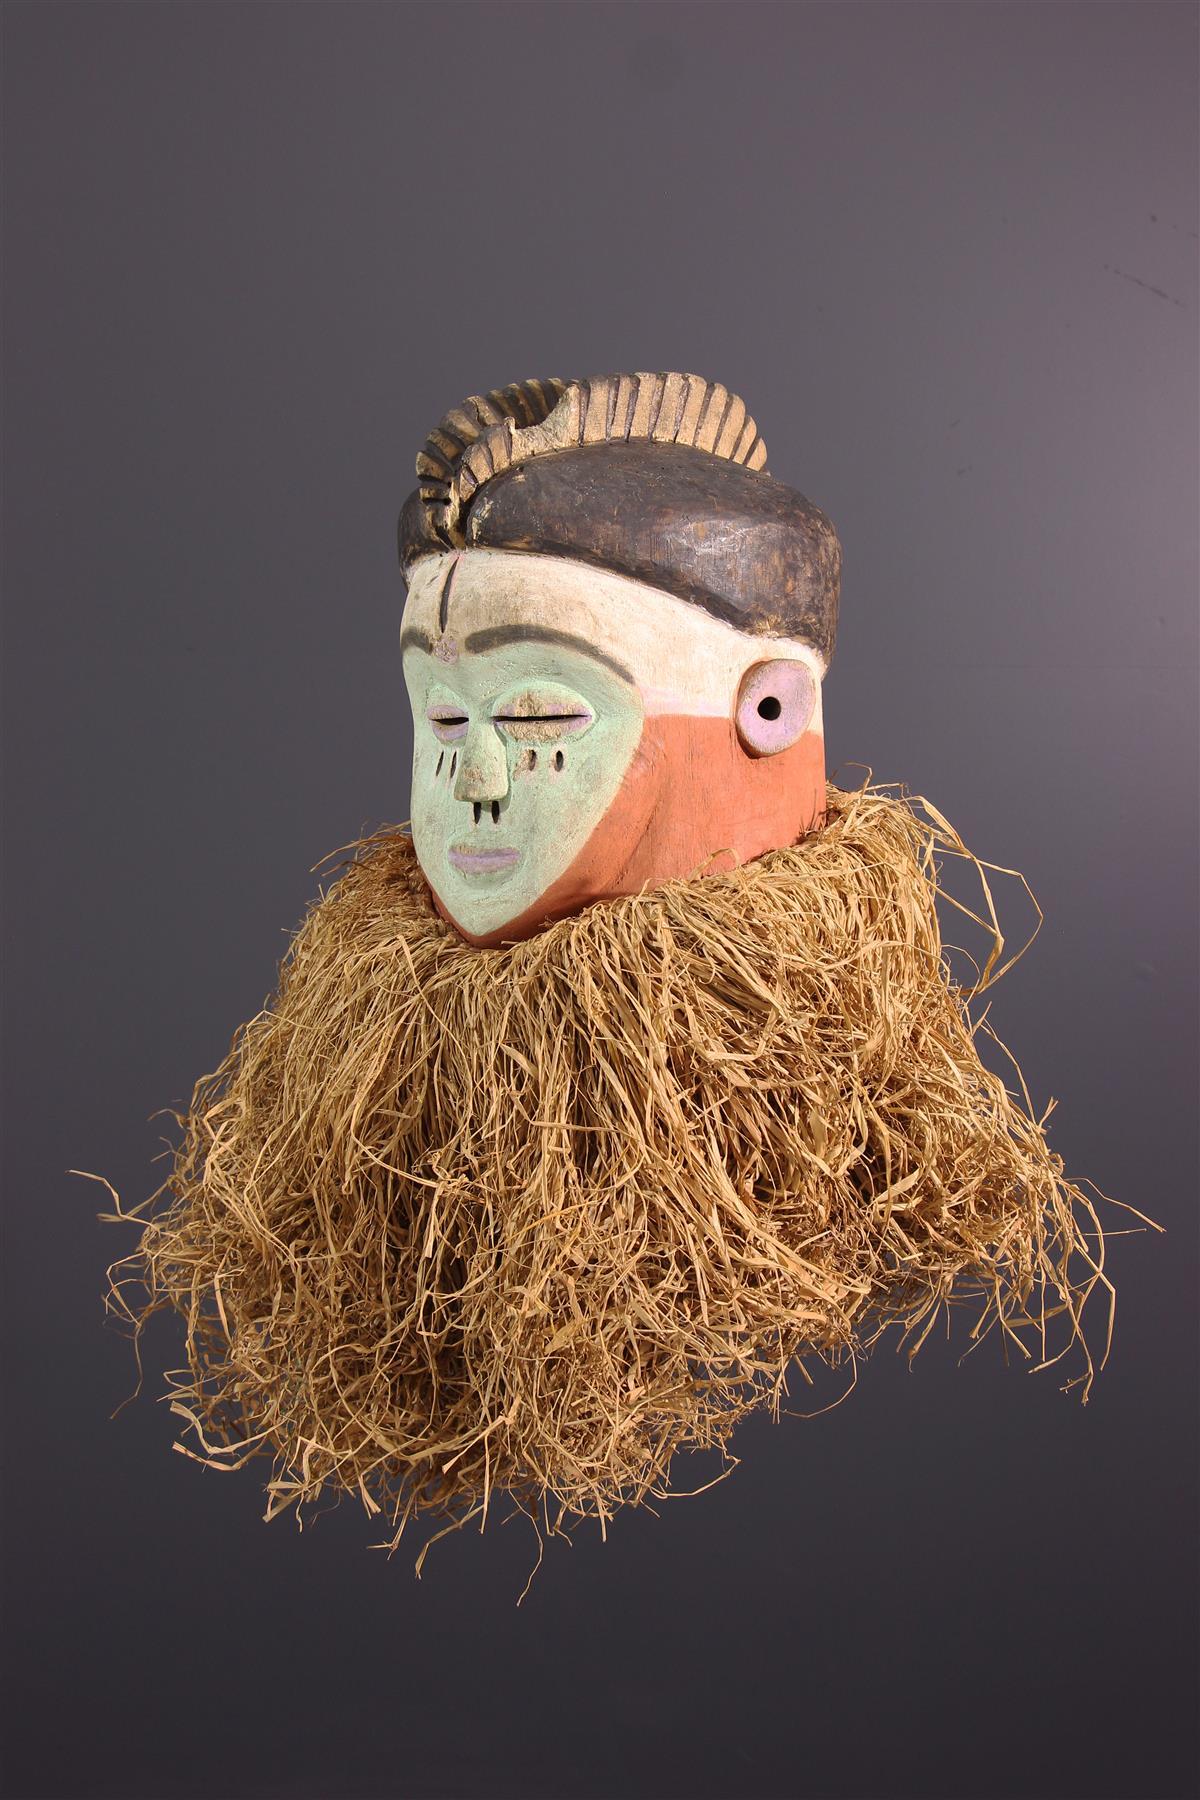 Mbala mask - Tribal art